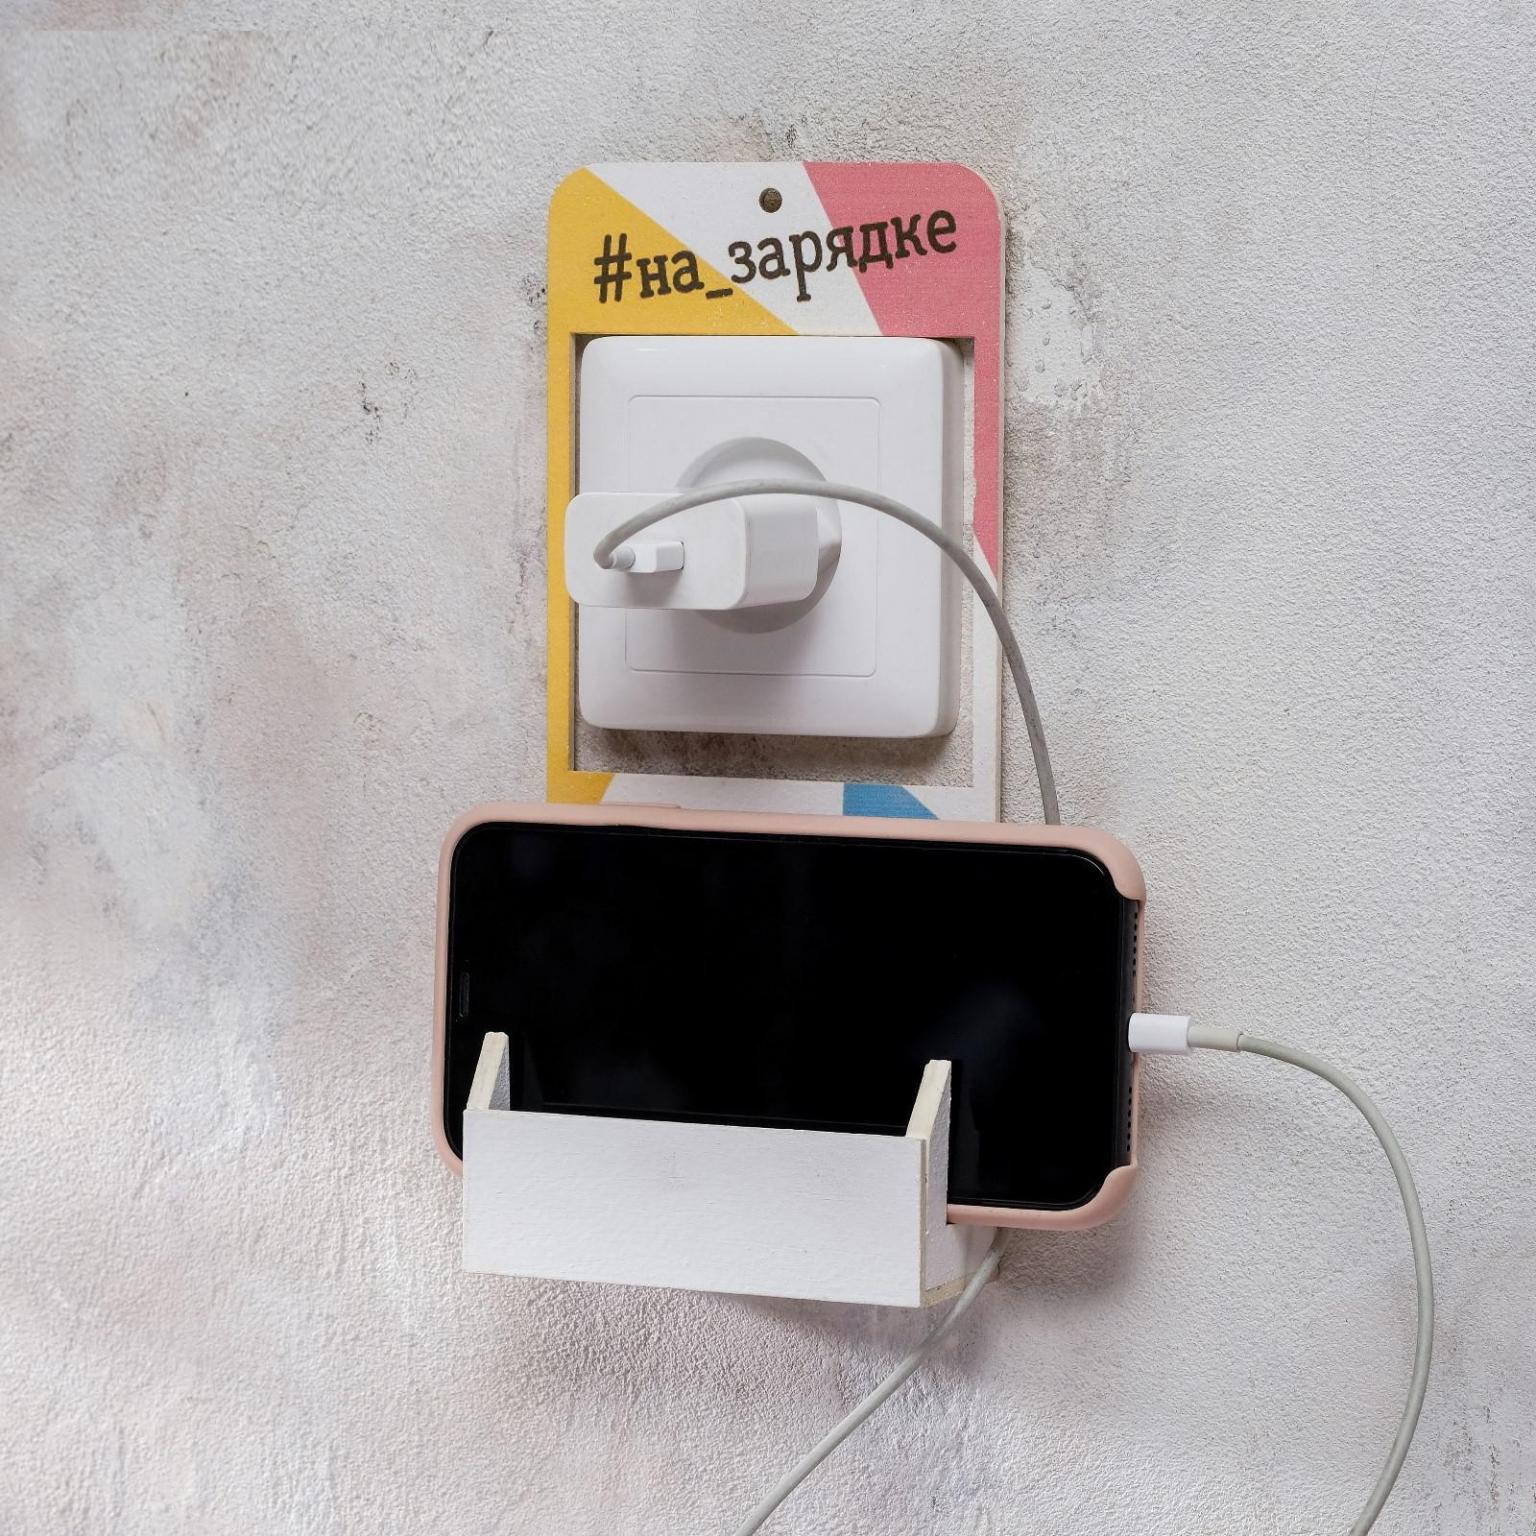 Органайзер для телефона на розетку Зарядка